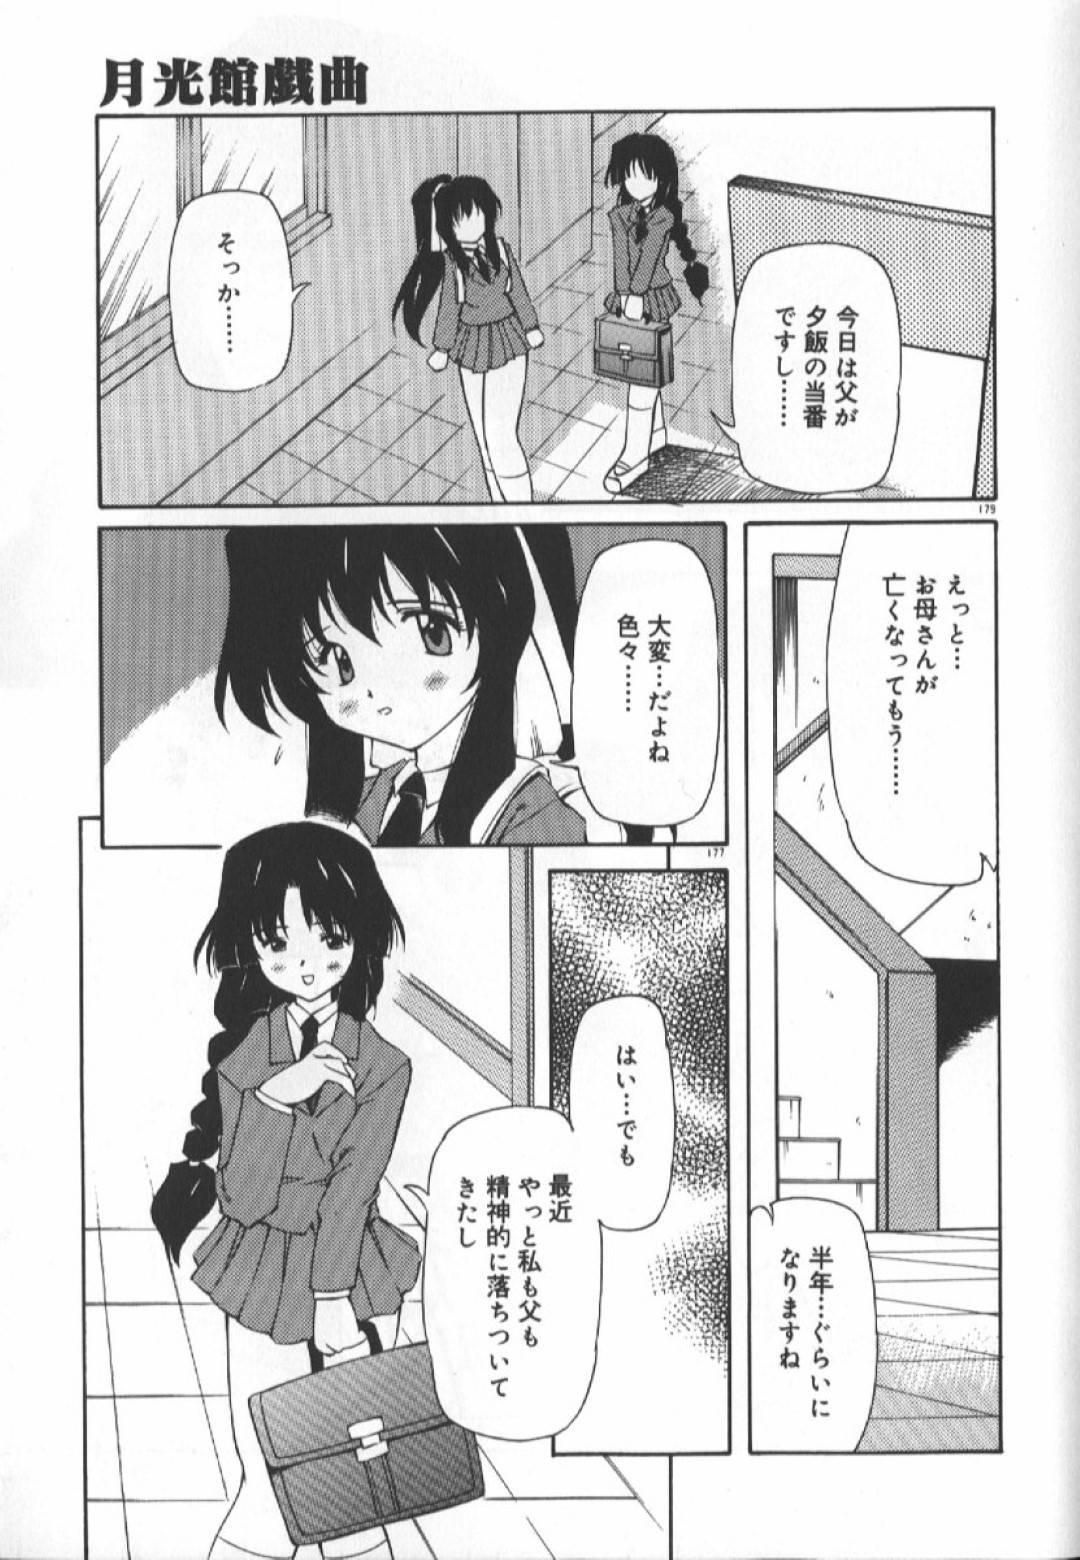 【エロ漫画】実の父親に犯されるJK娘は処女を奪われ中出しされてしまう